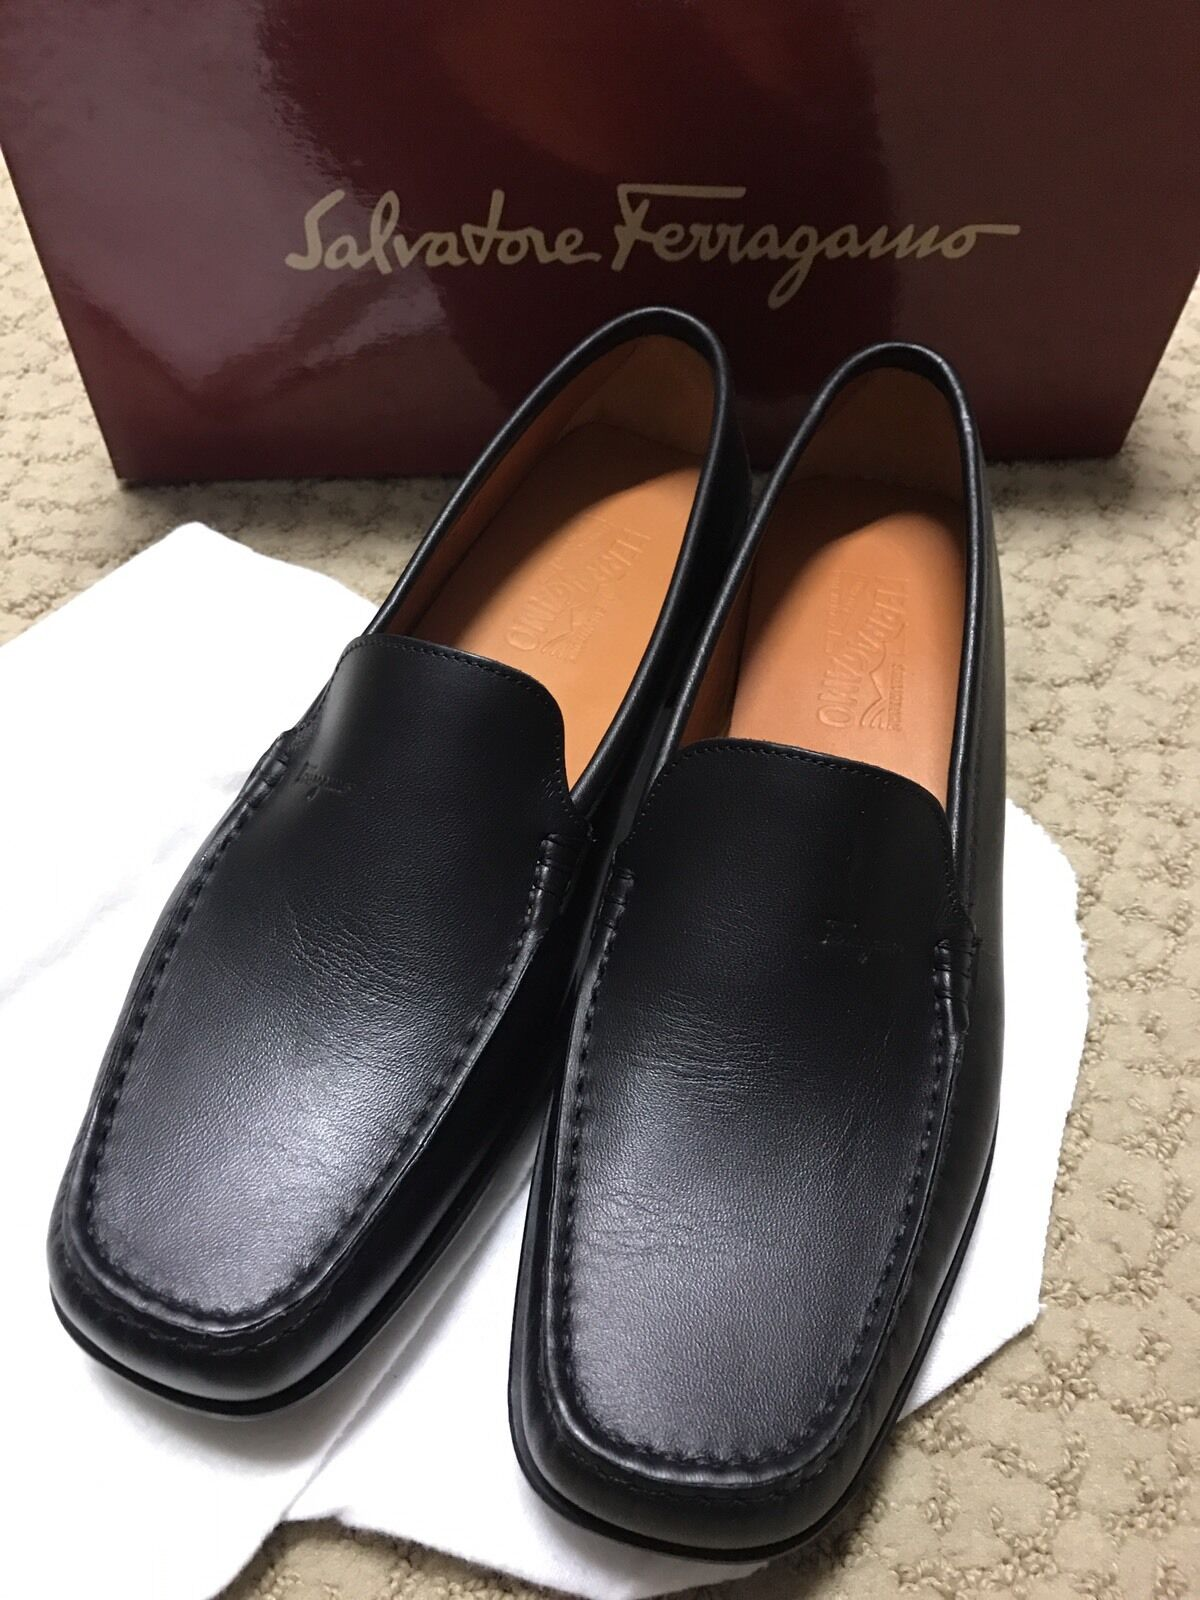 saldi Donna  Ferragamo nero Leather Loafers 9 1 2 B B B  il prezzo più basso